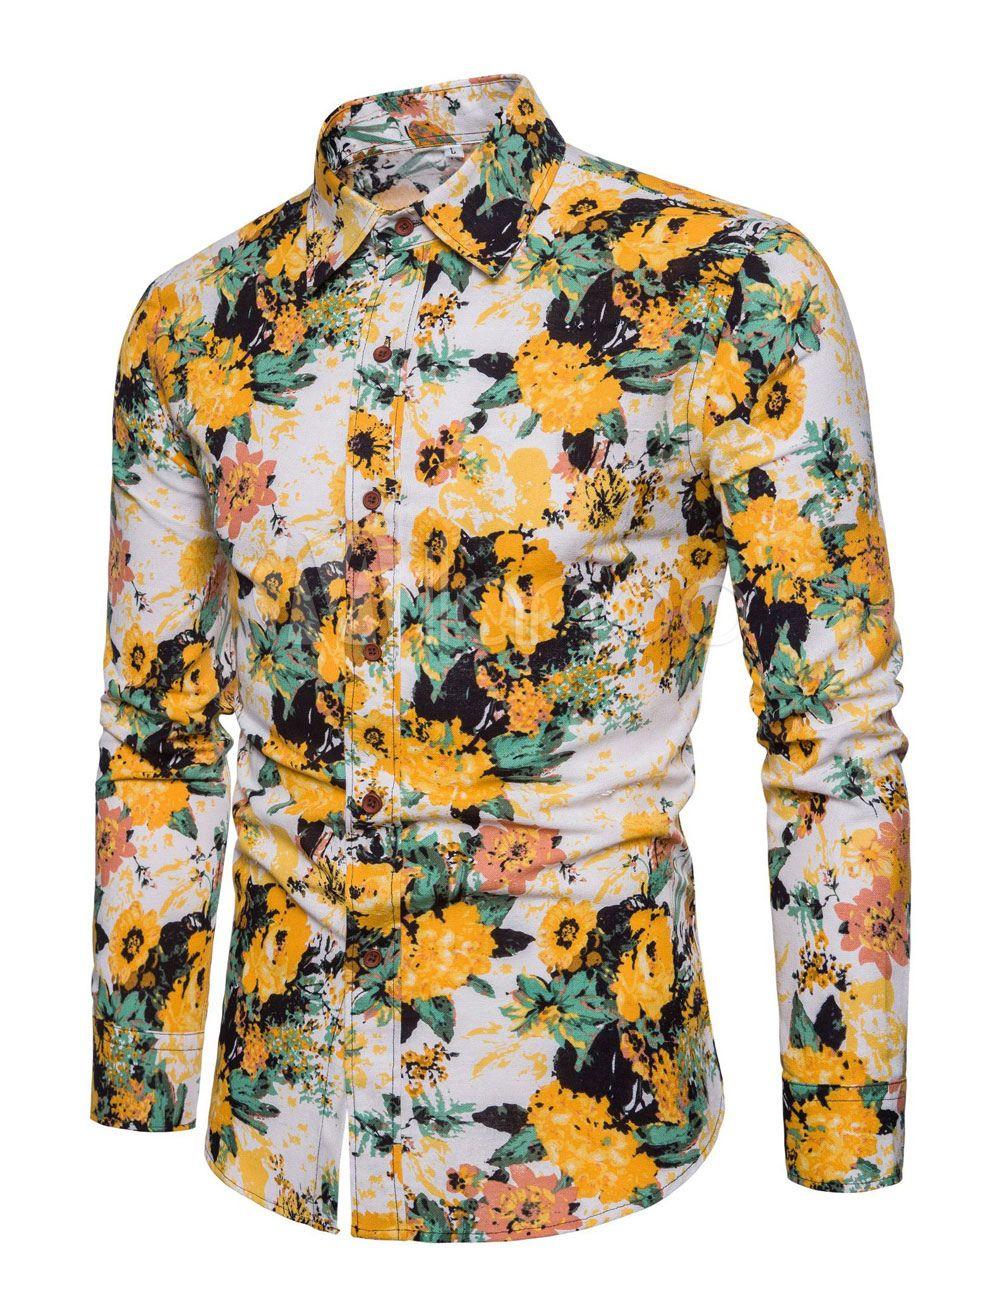 dada50fdd361 Yellow Hawaii Shirt Men Linen Beach Shirt Long Sleeve Casual Shirt ...